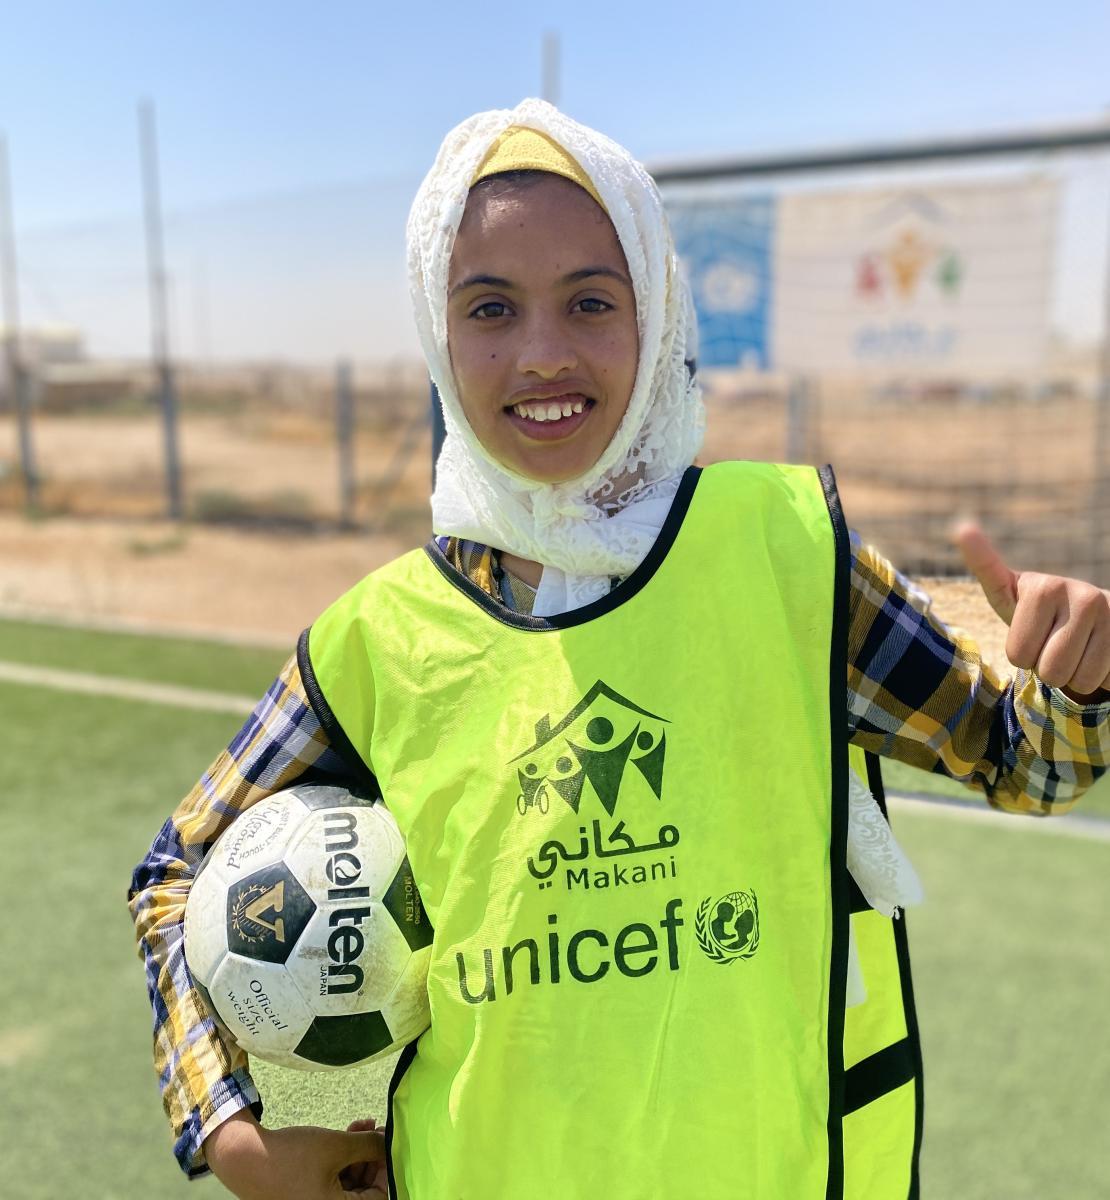 Una joven sonriente sostiene un balón de fútbol en un brazo y da a la cámara un pulgar hacia arriba con la otra mano.